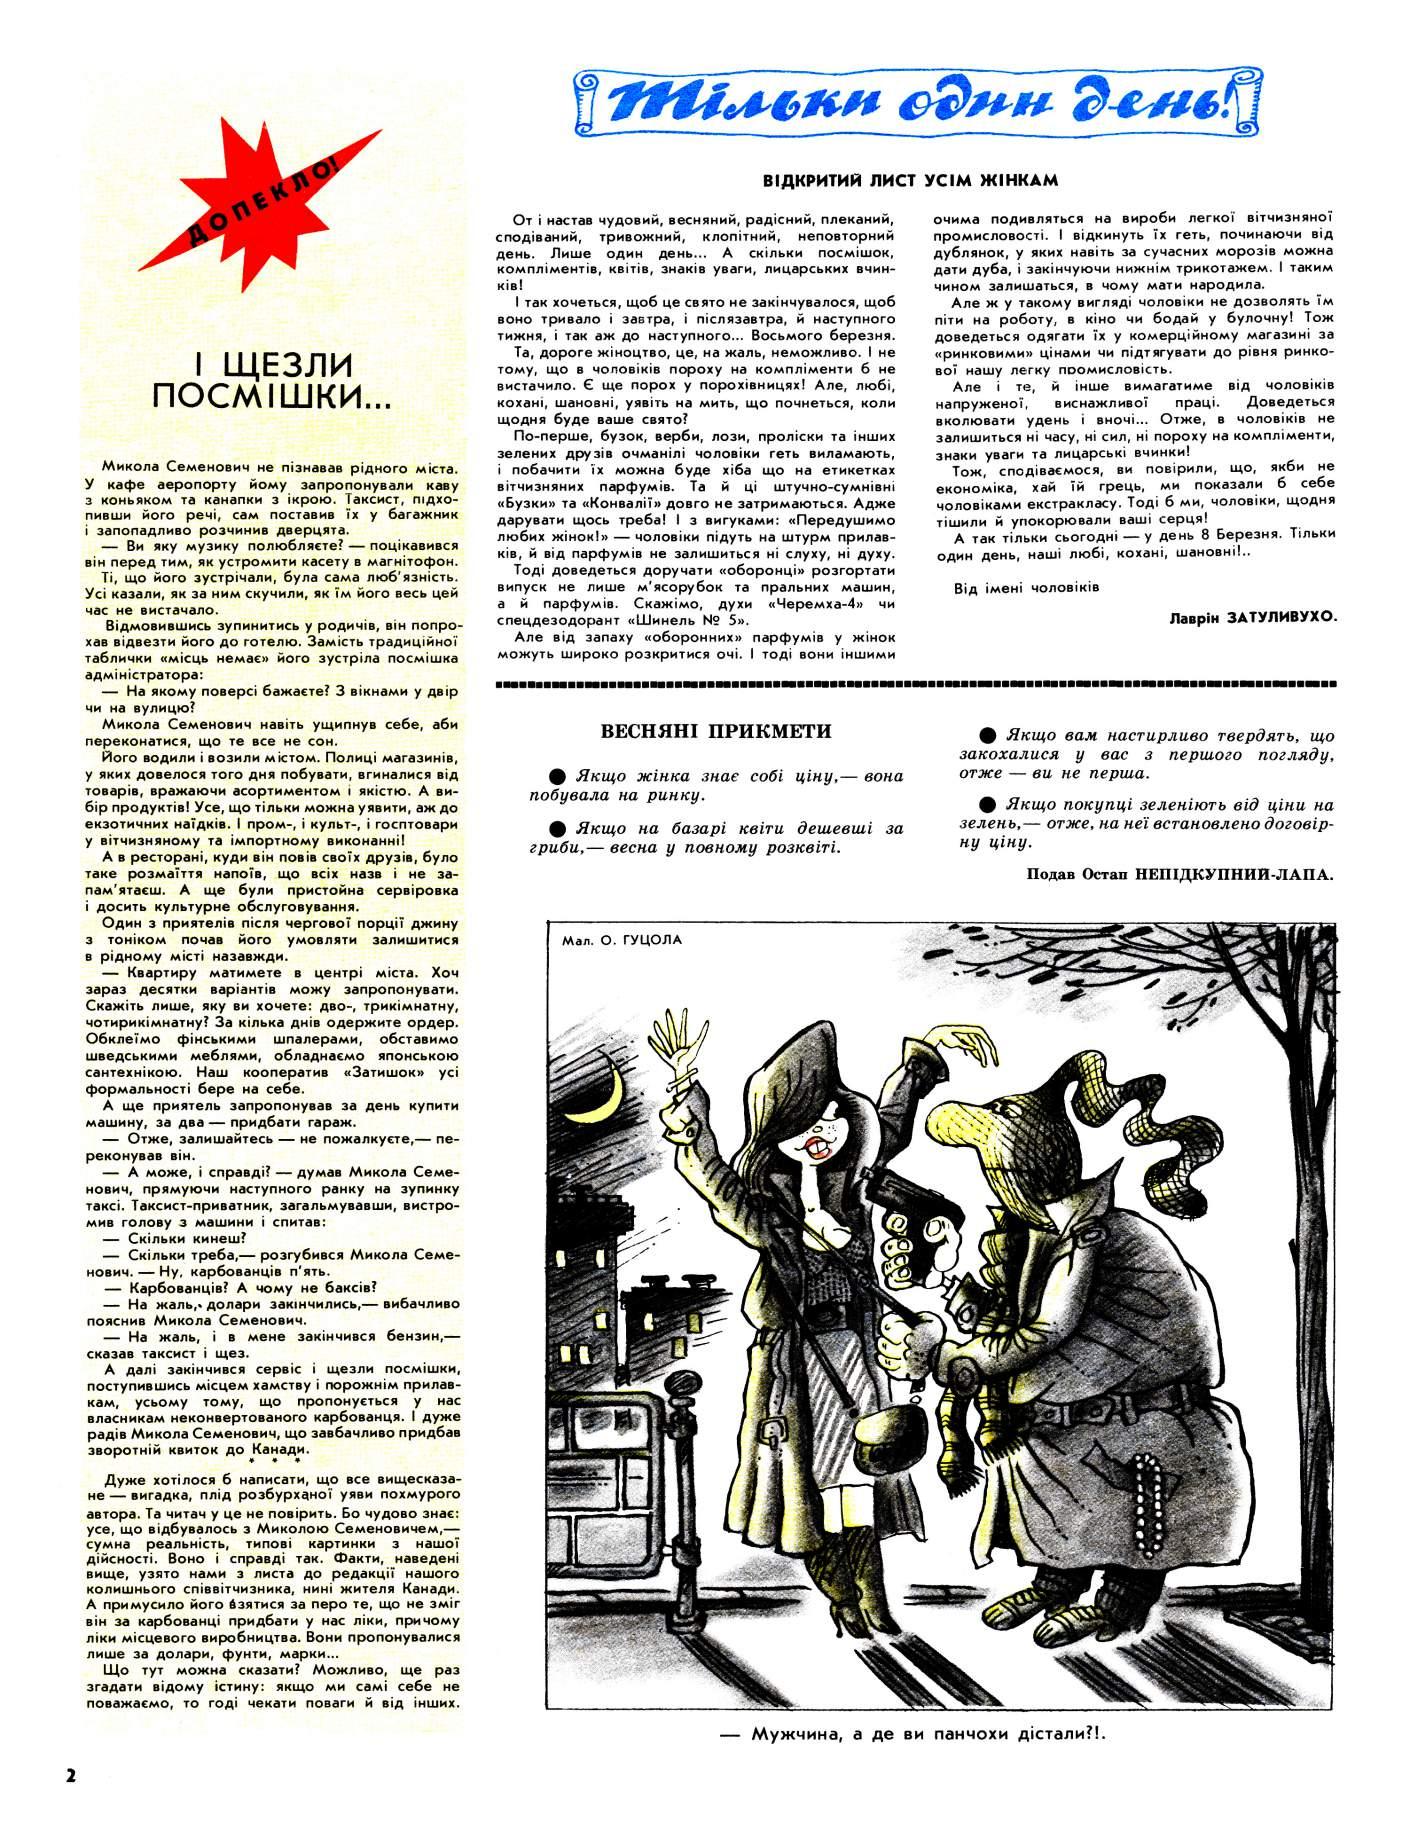 Журнал перець 1991 №05